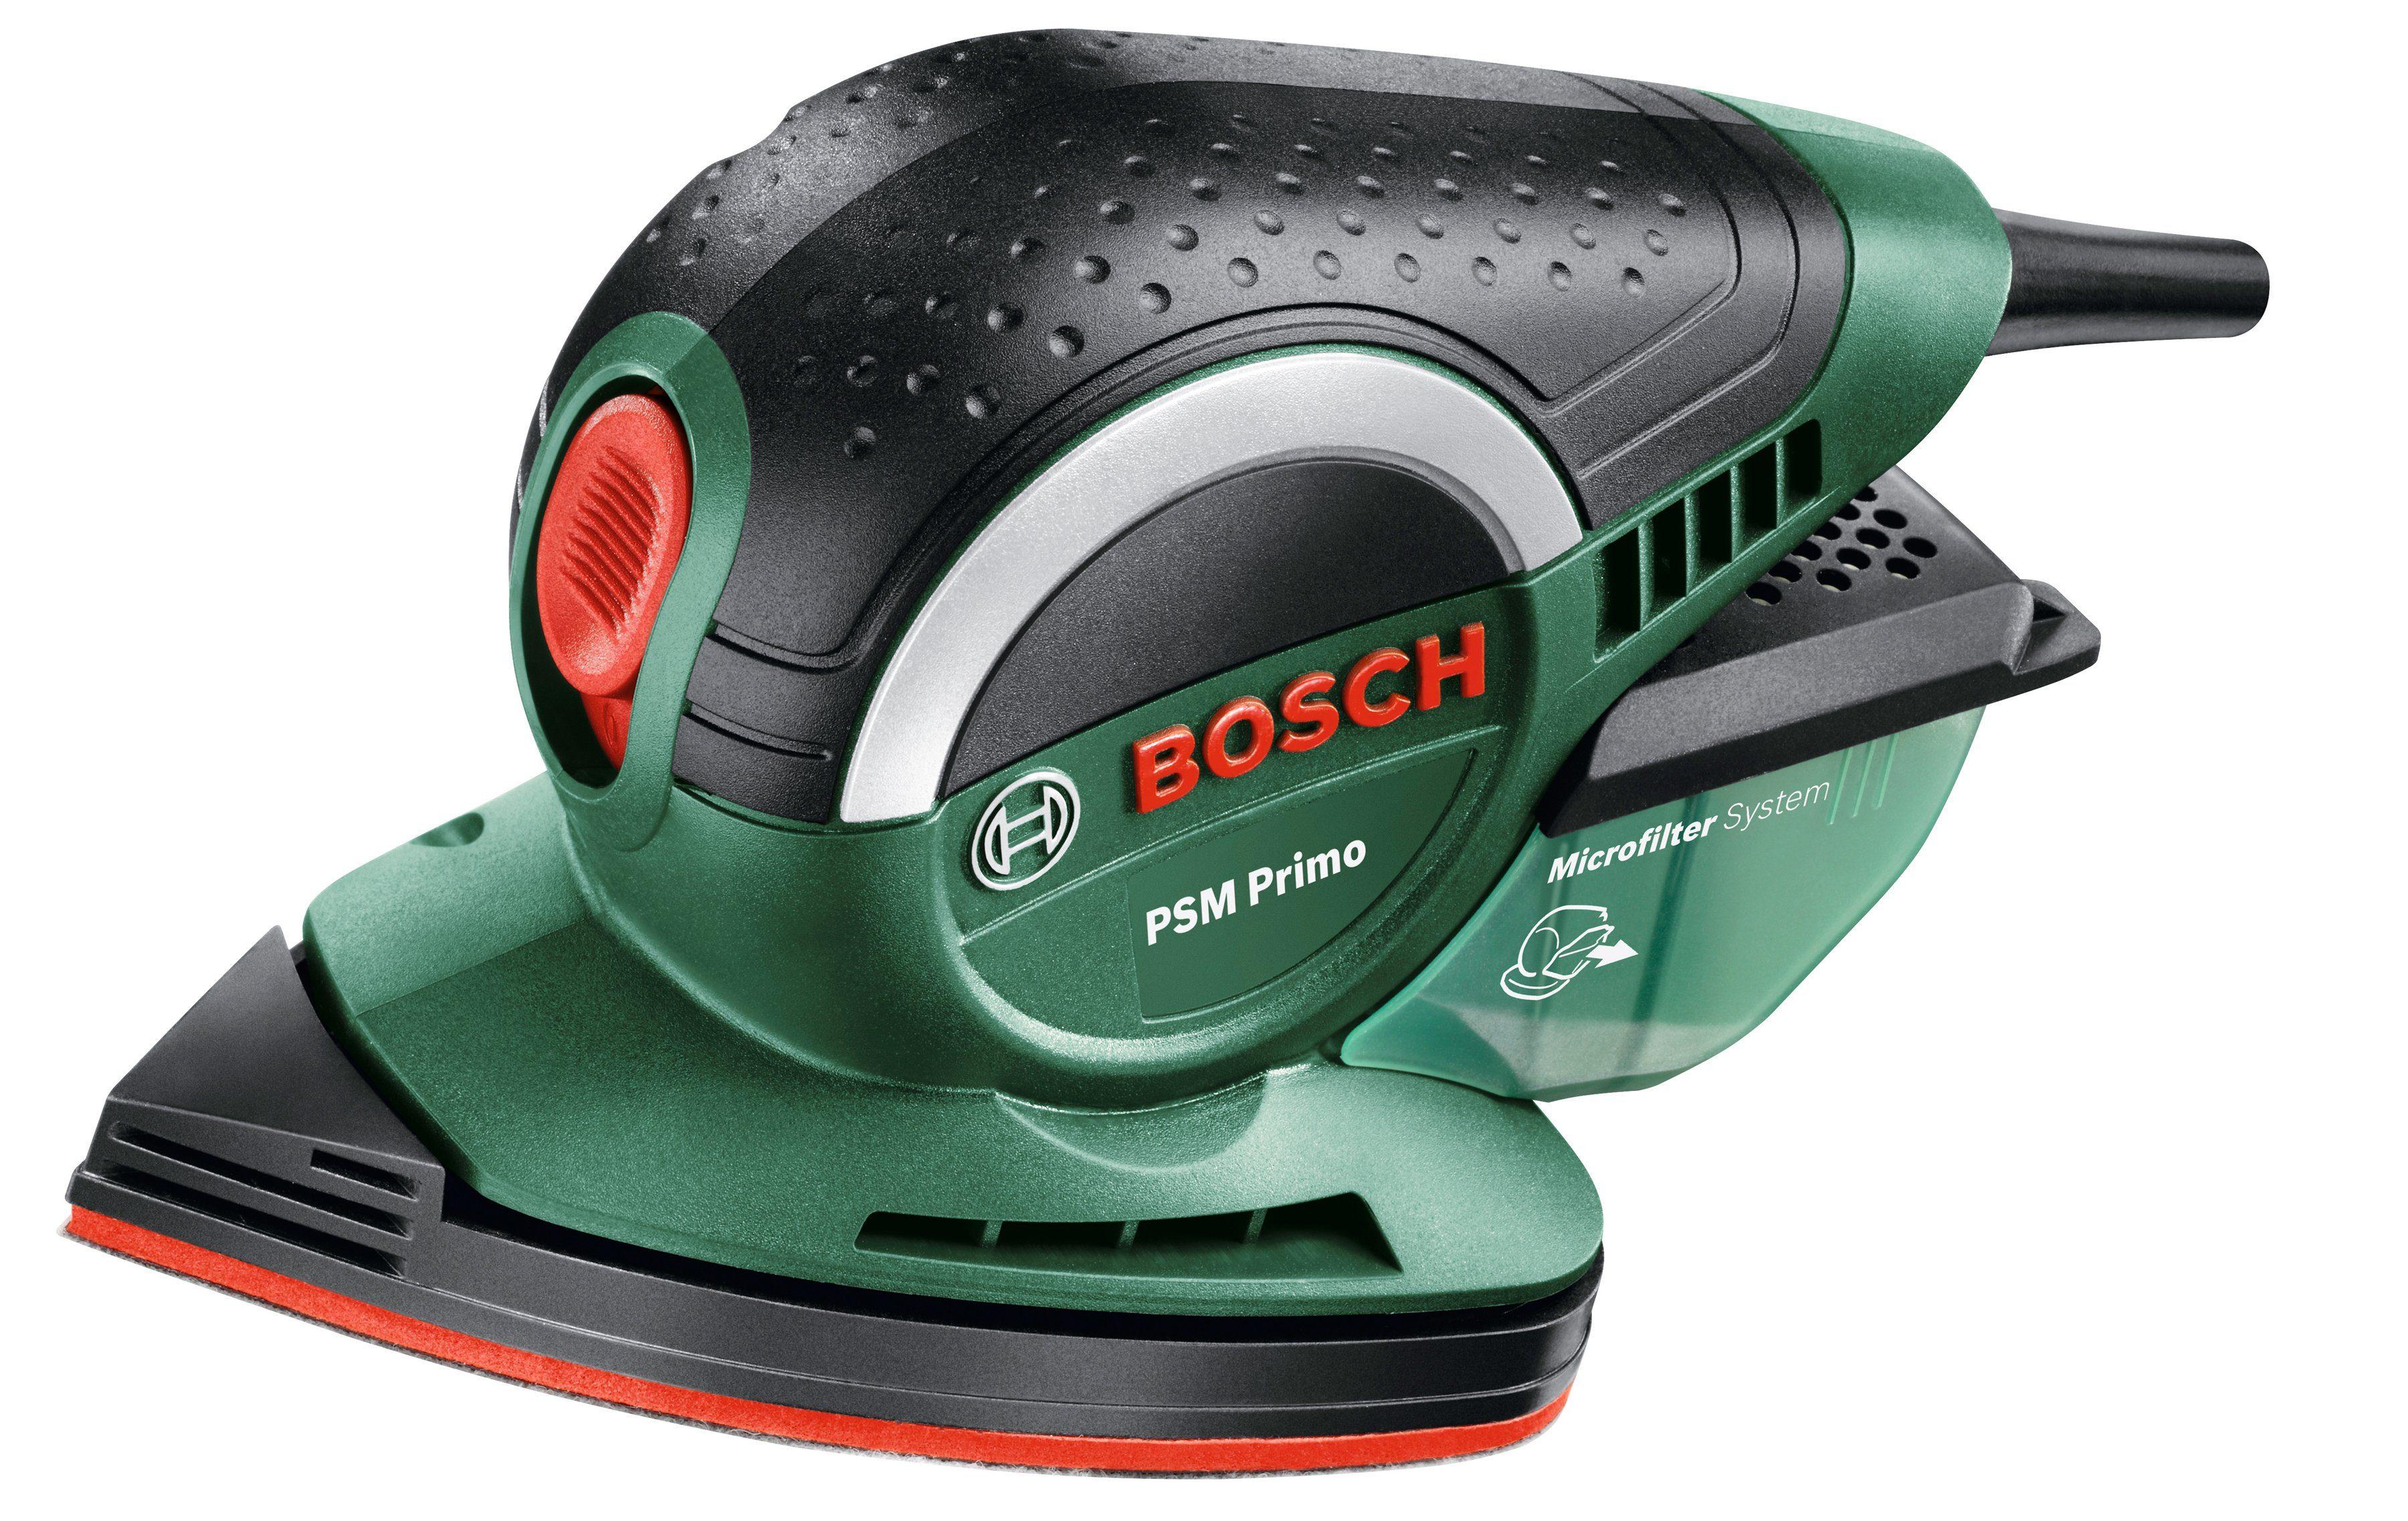 Bosch Multischleifer »PSM Primo«